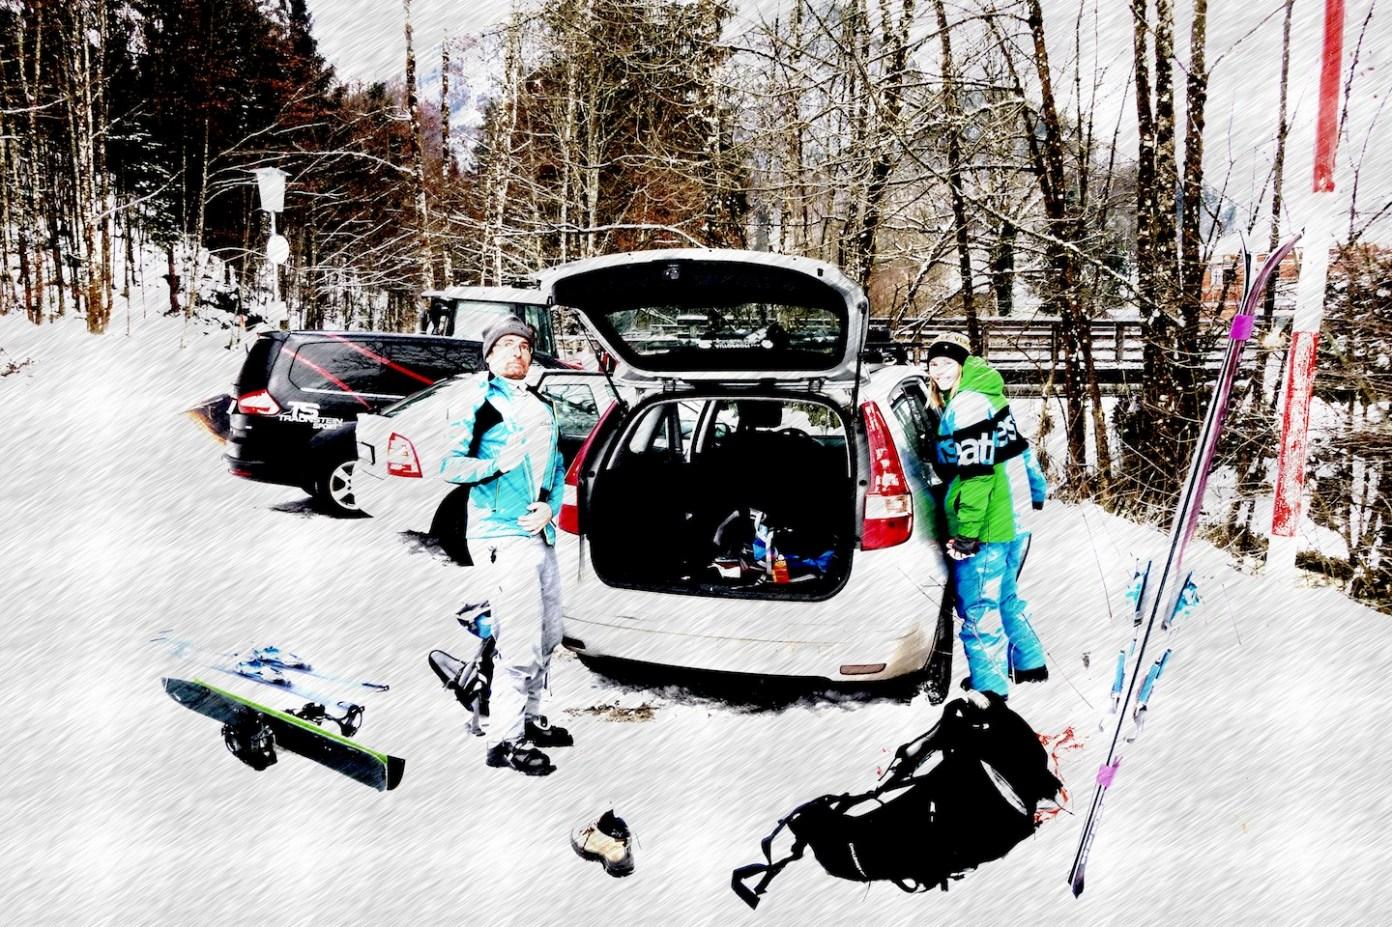 Nové lyže nový split, hurá do hor budem fit!